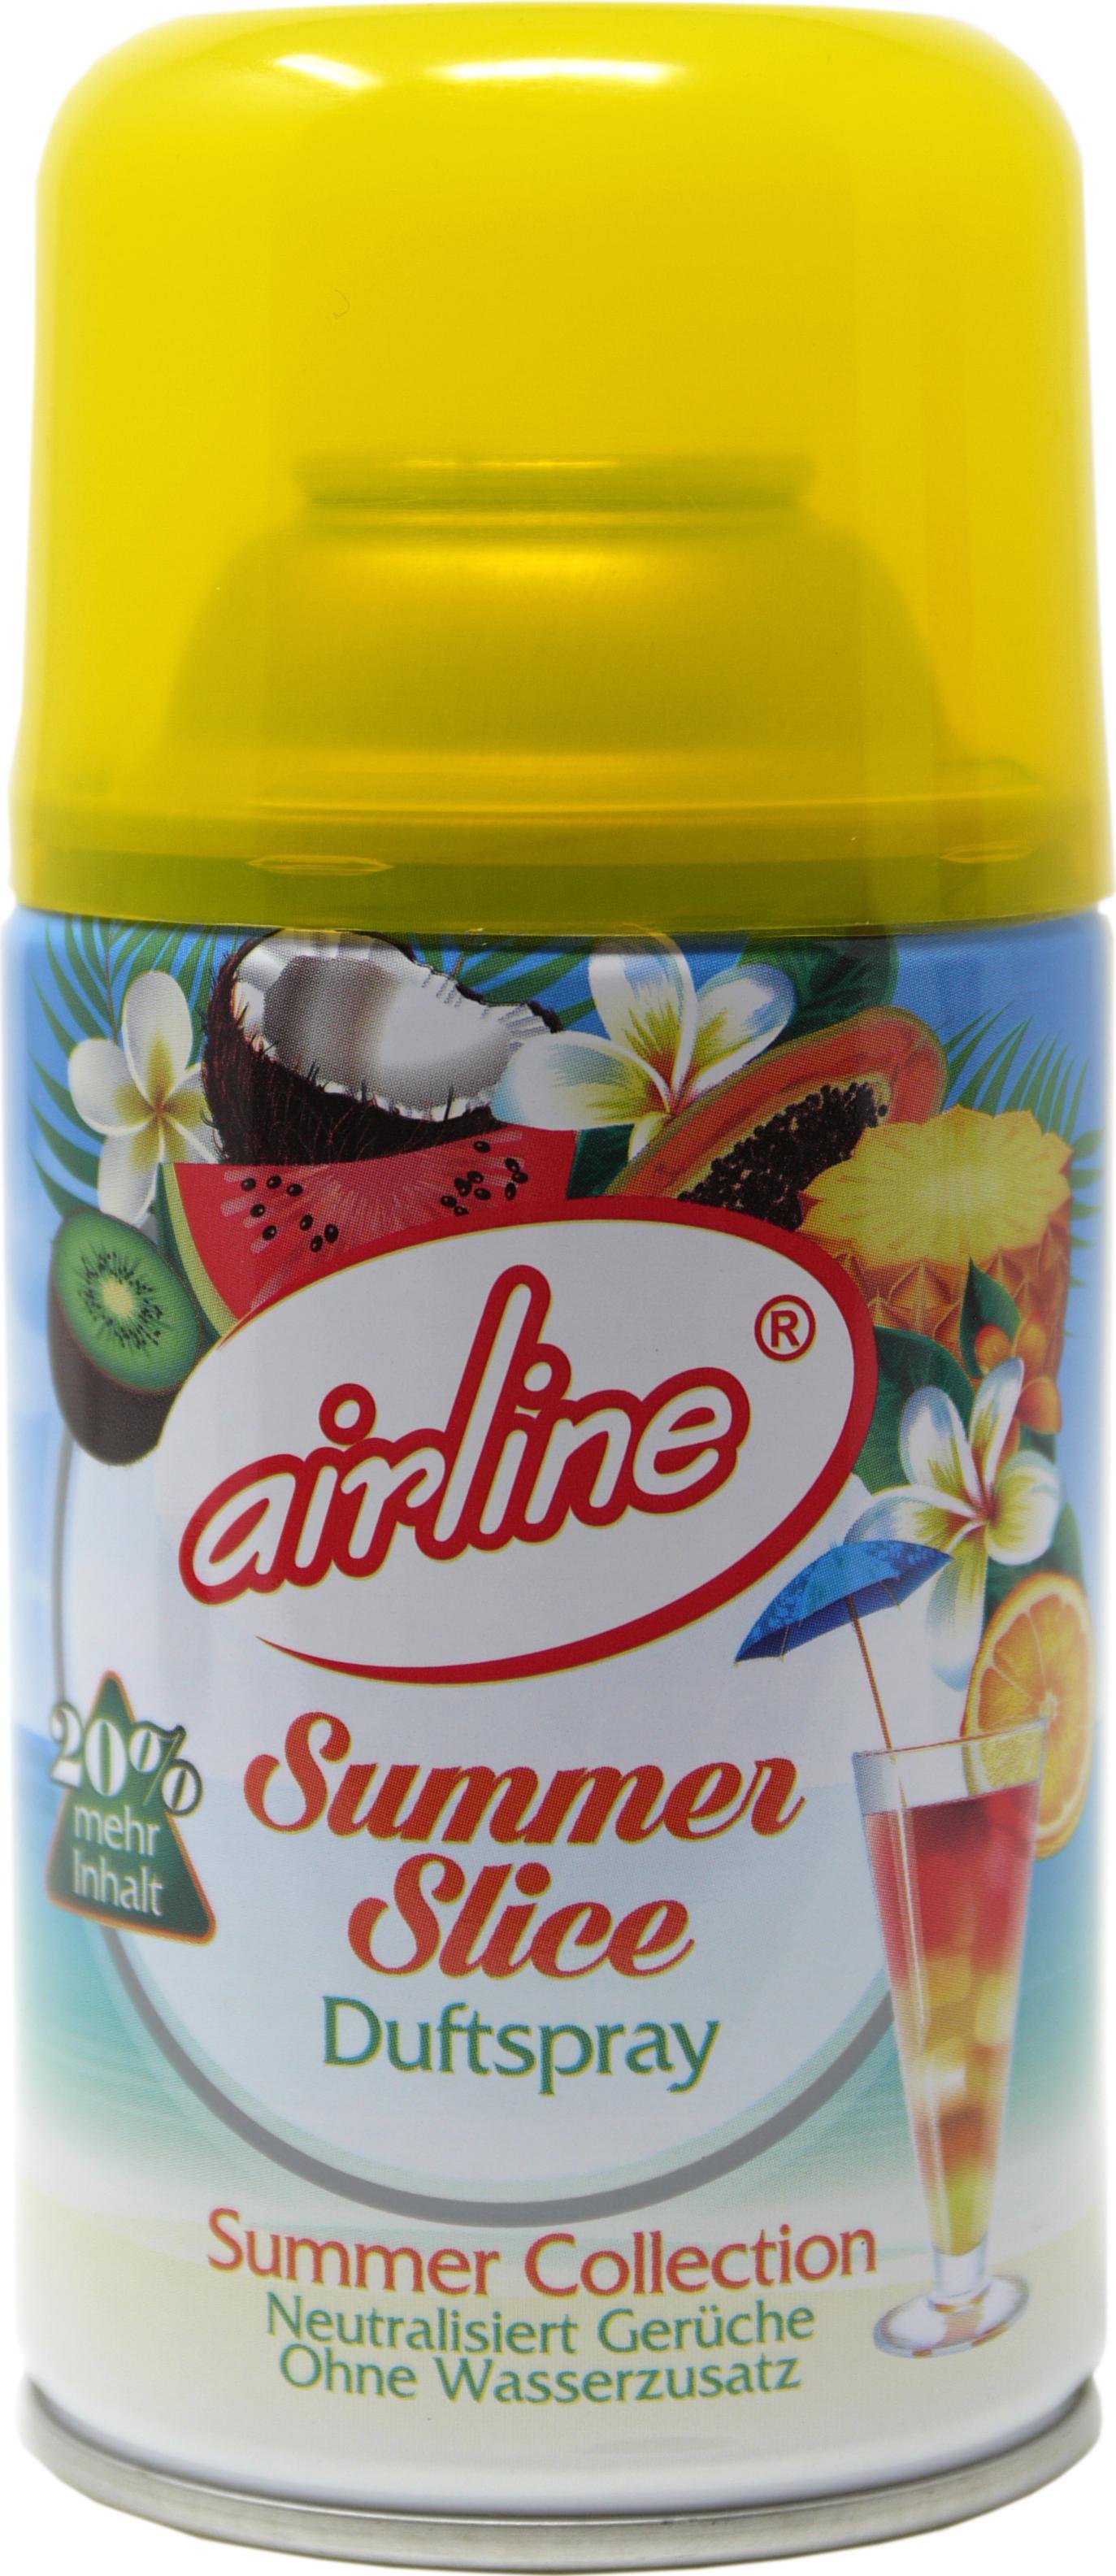 00530 - airline Summer Collection Summer Slice Nachfüllkartusche 300 ml